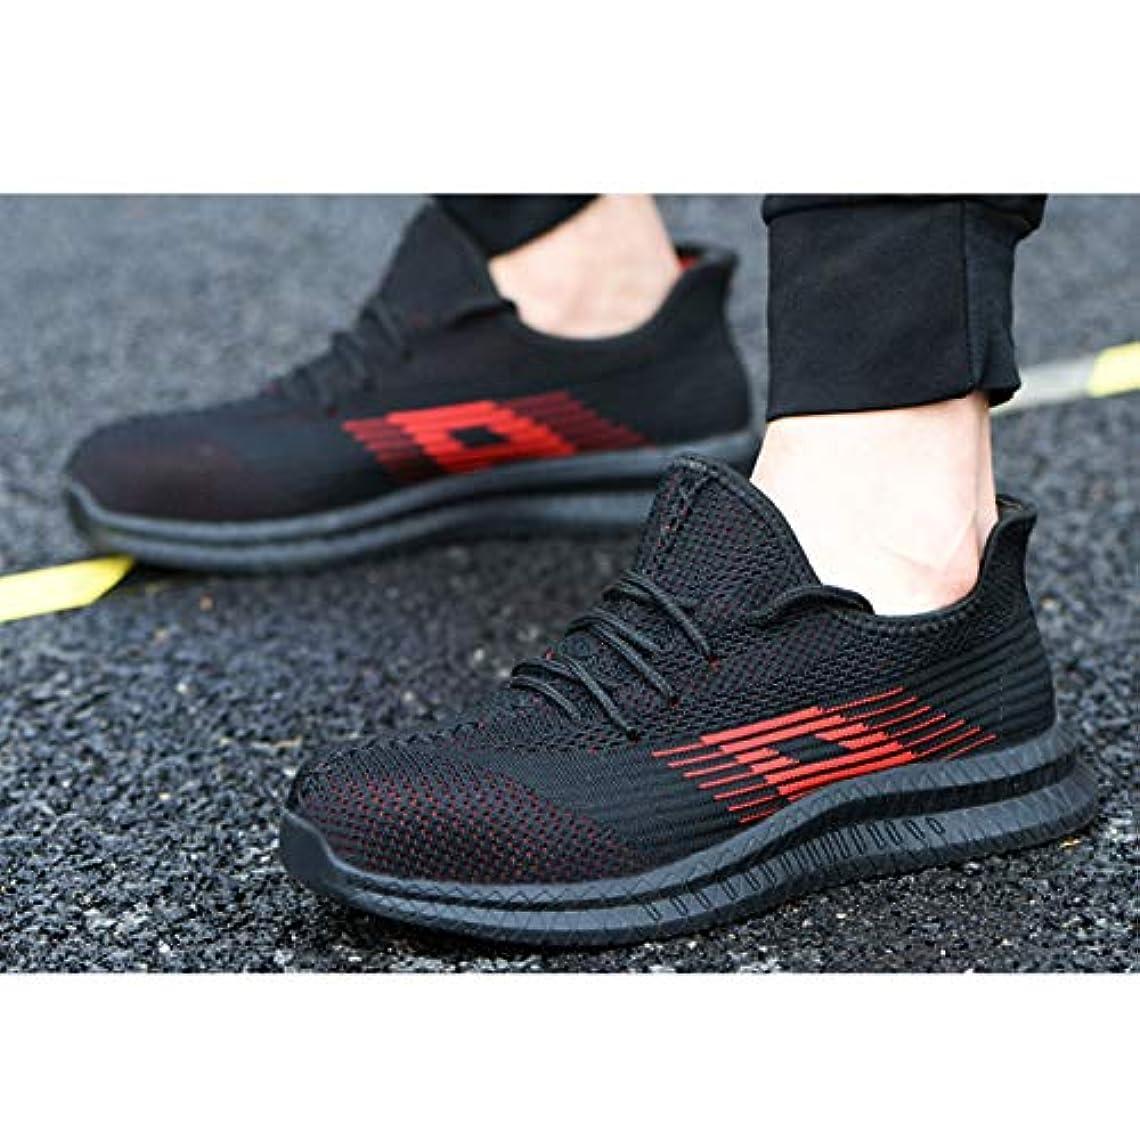 不屈なくなる同性愛者男性スリップ耐性の安全作業の靴穿刺性不滅のスニーカーのための鋼のつま先の靴 (Color : Black, Size : 37)